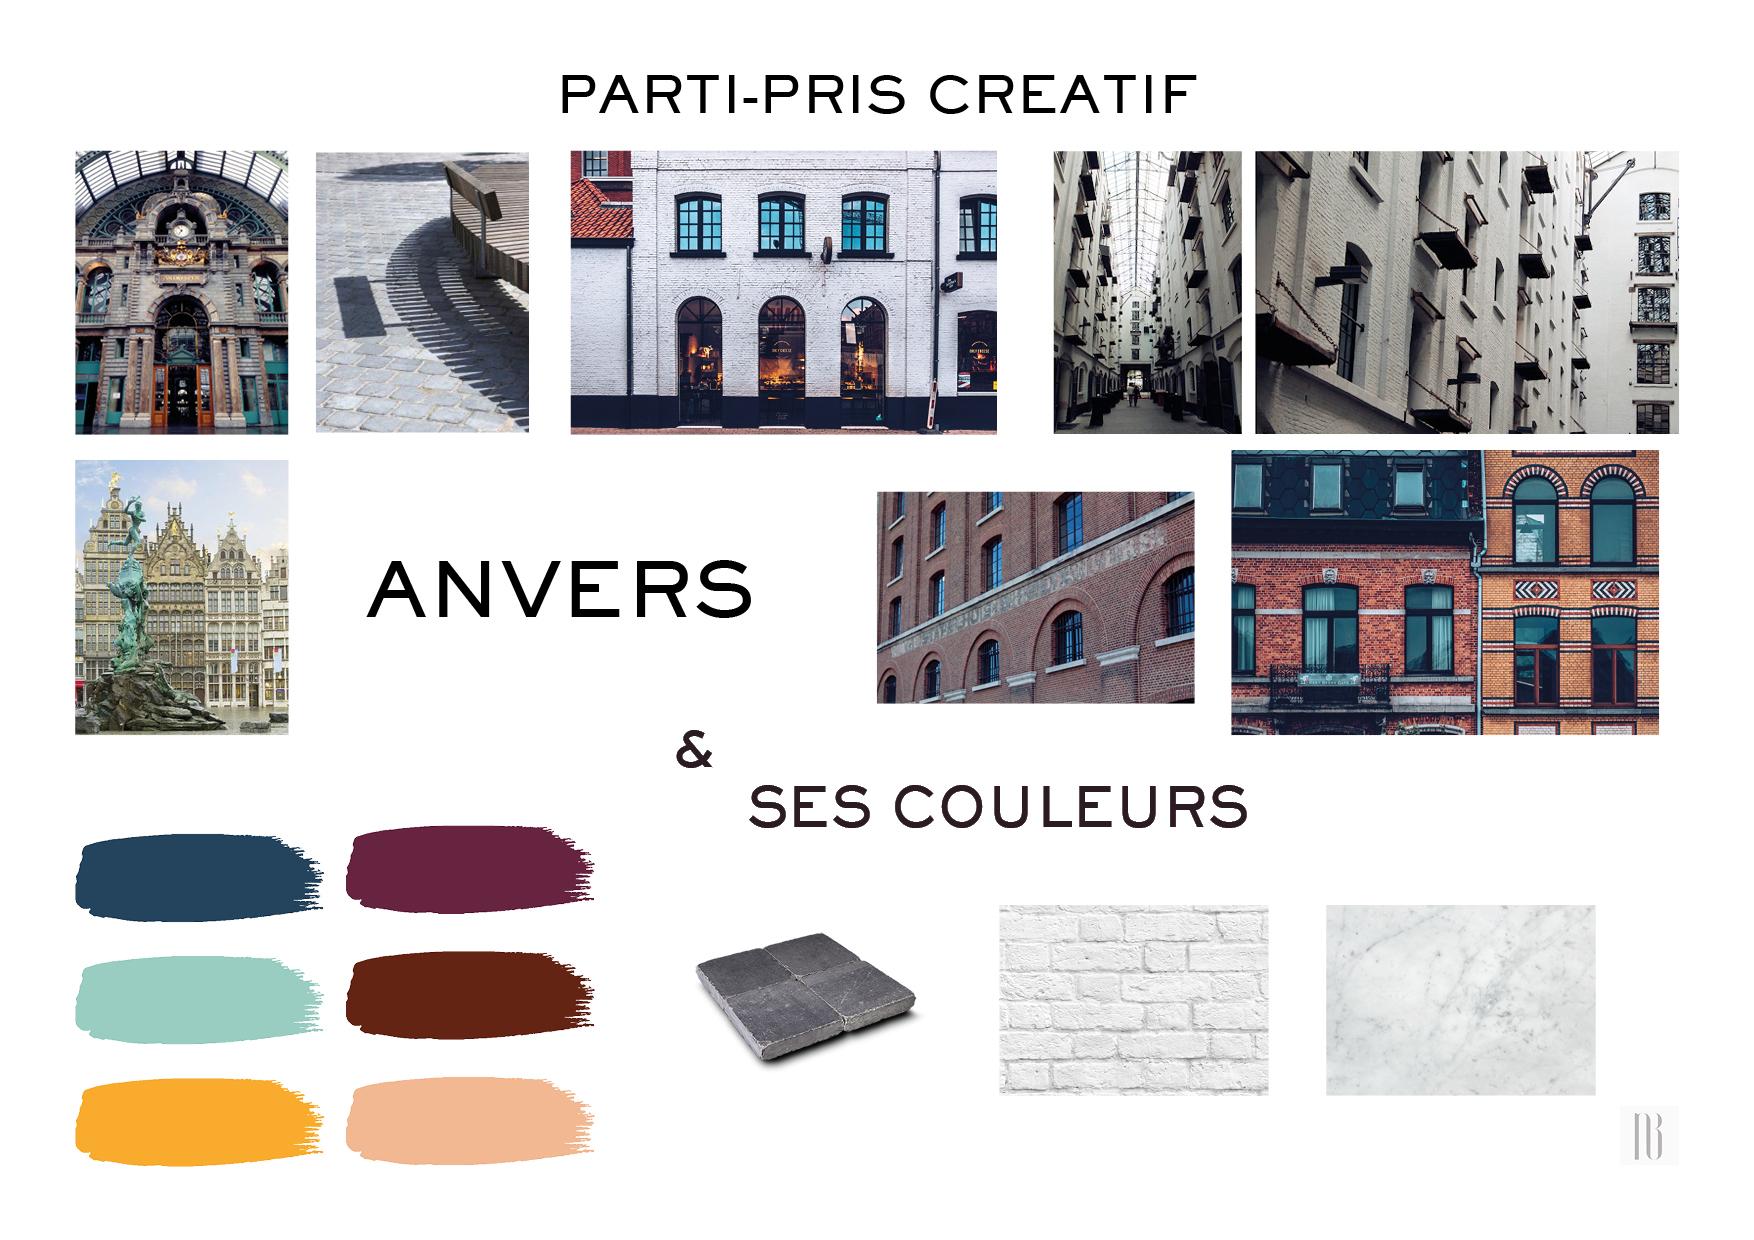 Nathalie Bossard décoration architecture intérieur Rennes 35 UFDI-390 Book déco maison en construction Bédée Ille et vilaine parti pris créatif